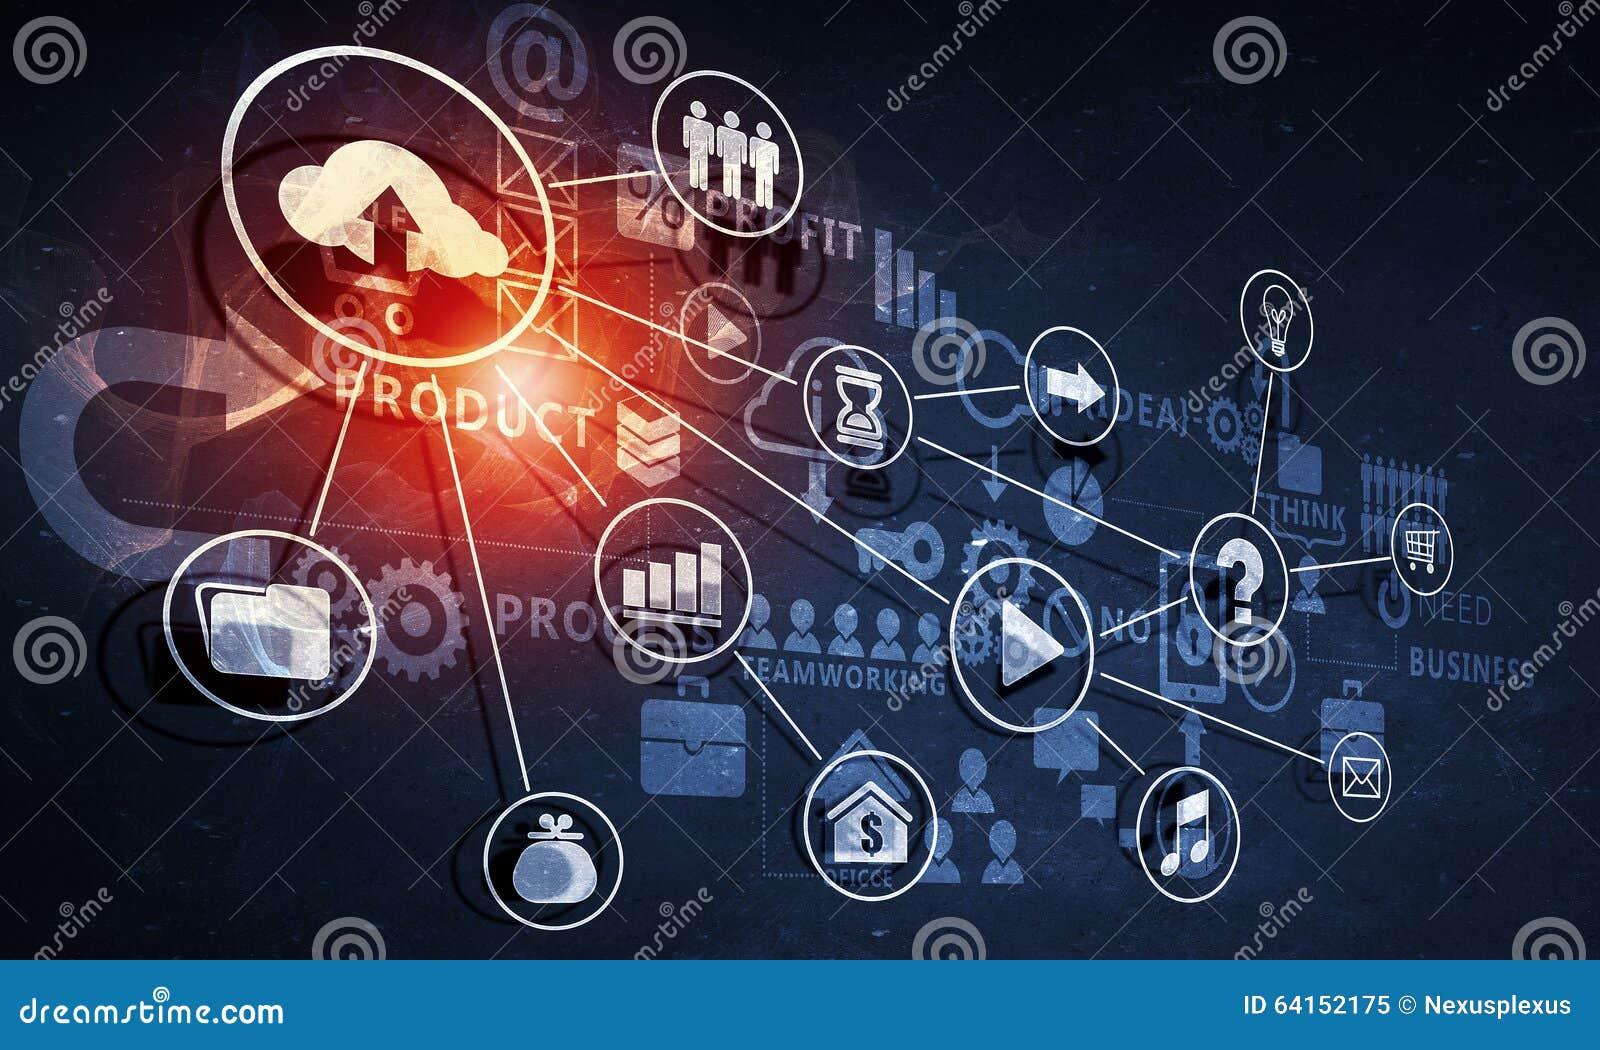 数字式与网络连接和战略概念的背景图象.图片